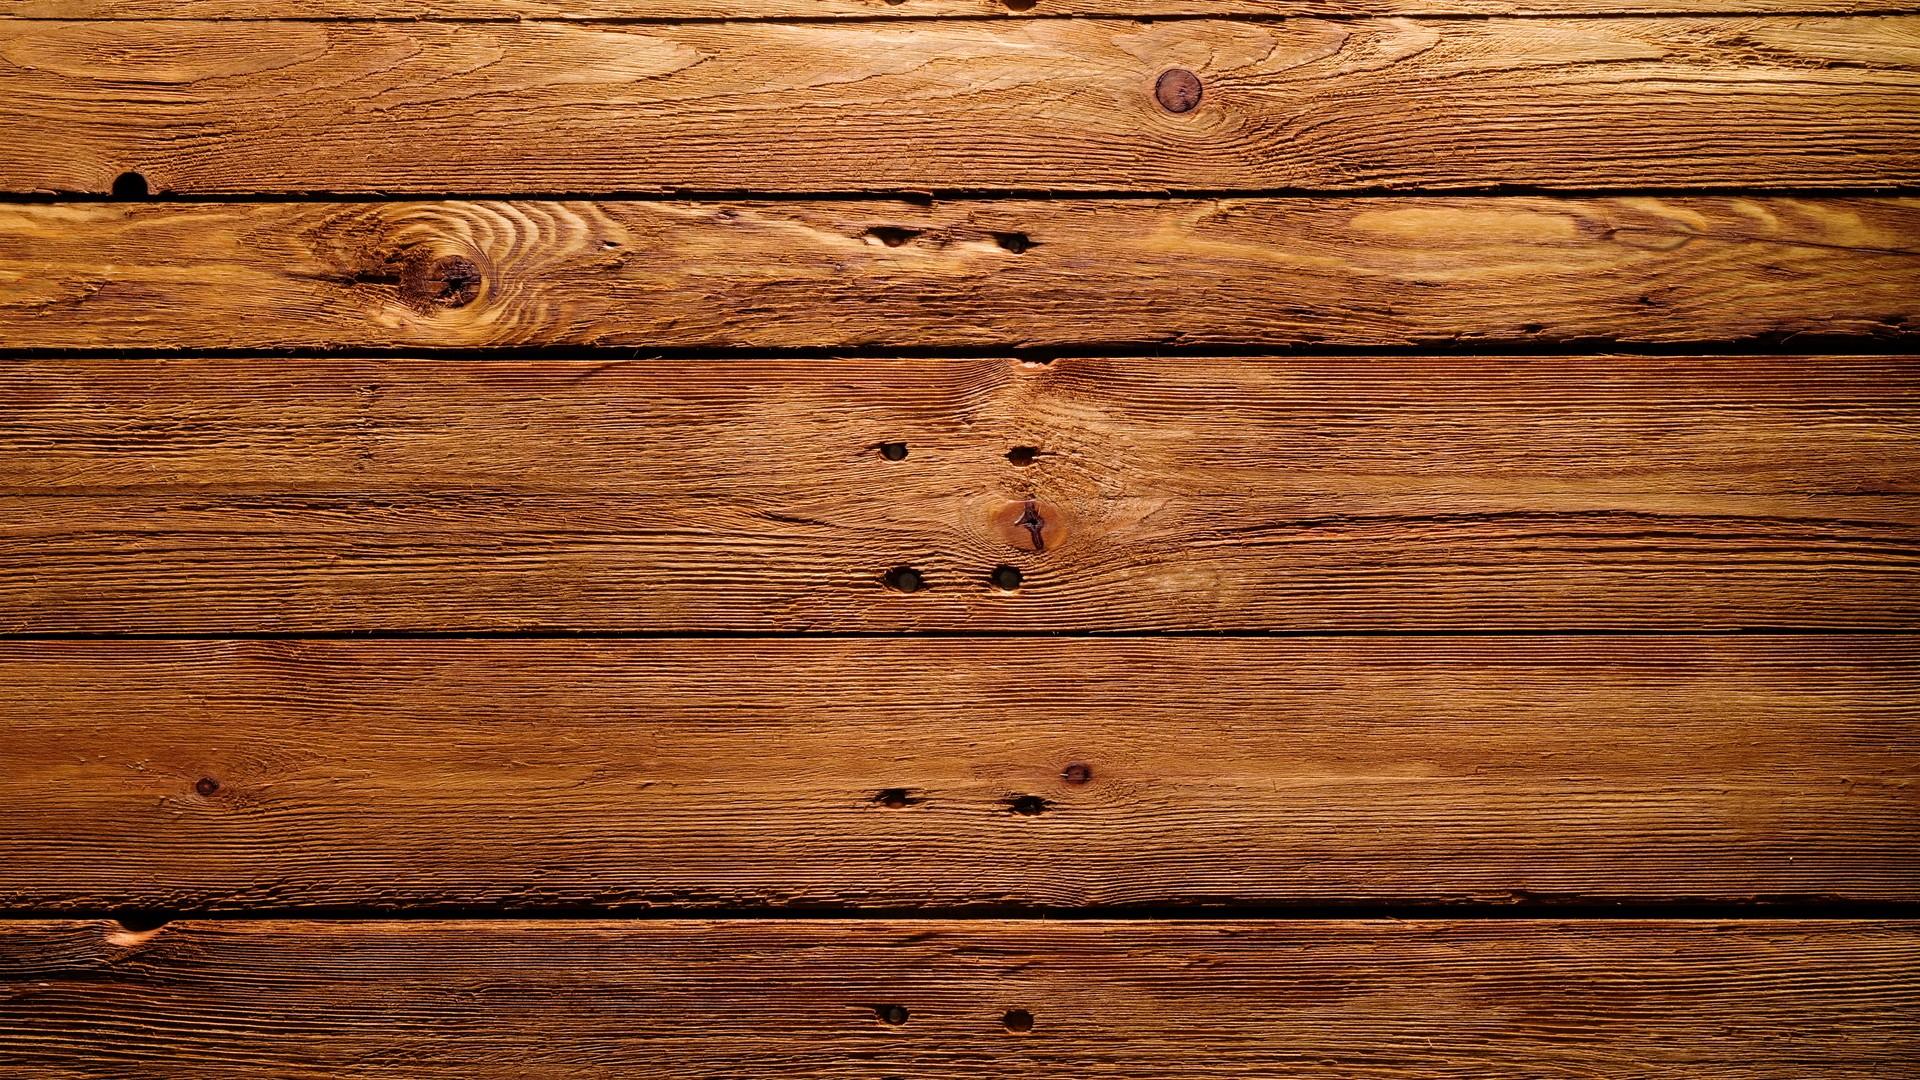 Rustic Wood Grain Wallpaper Hd